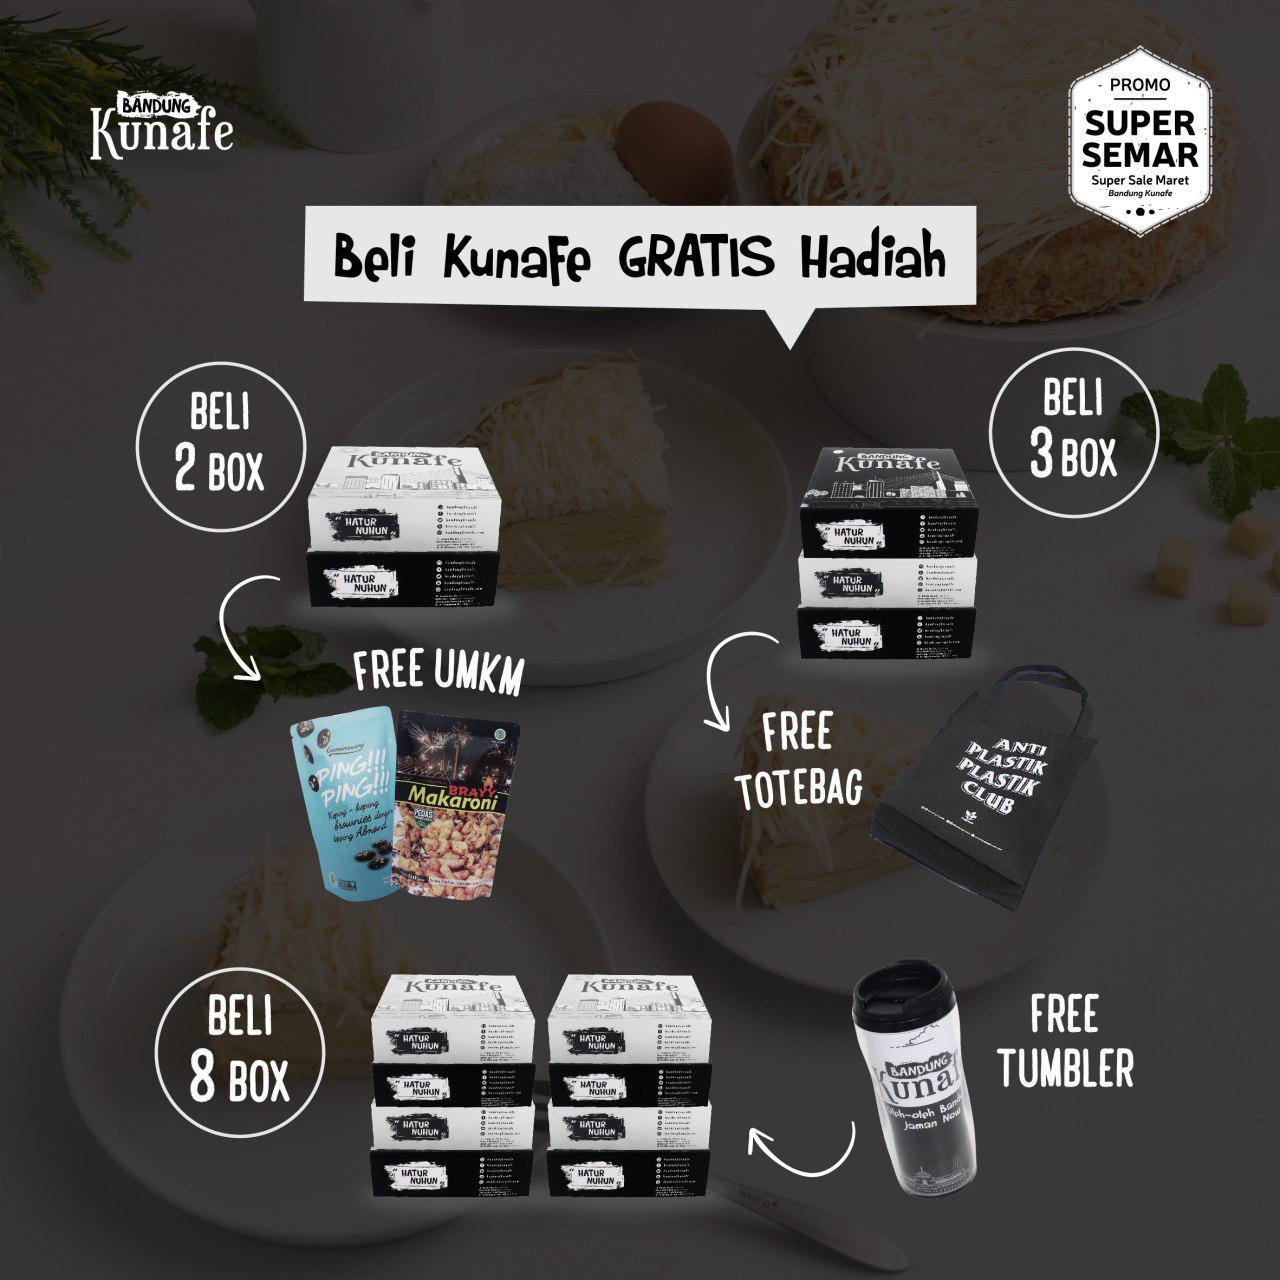 Promo Free UMKM Bandung Kunafe